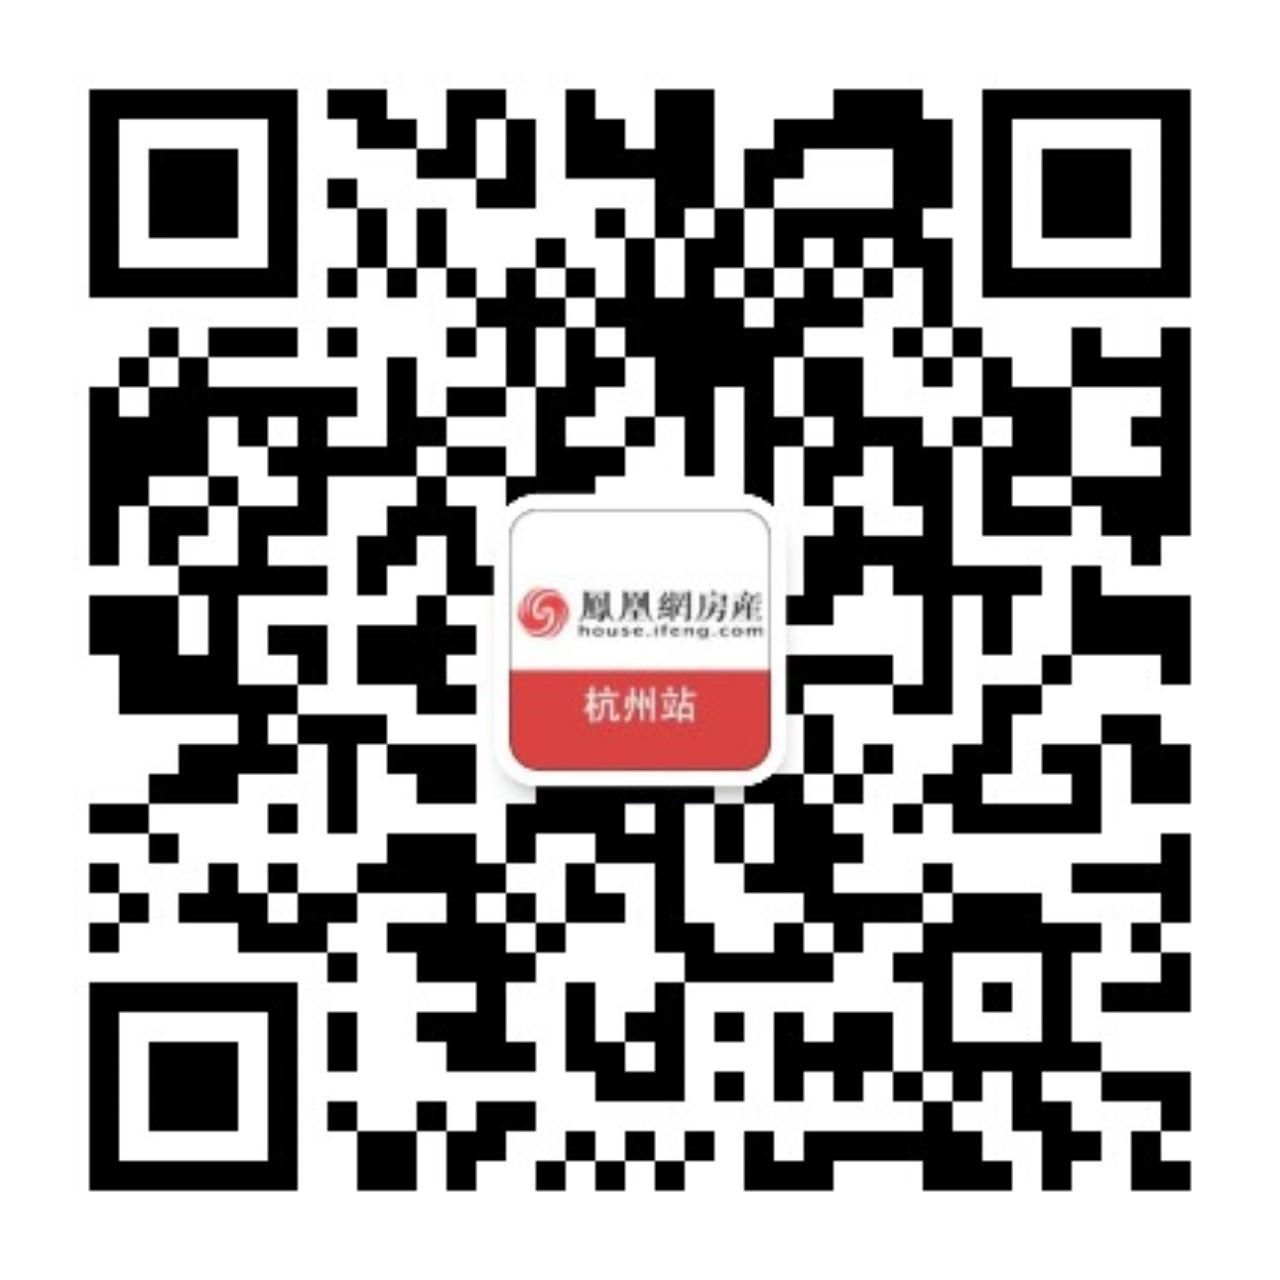 50天清盘!双限抢跑千篇一律的房子令人傻眼——凤凰网房产杭州